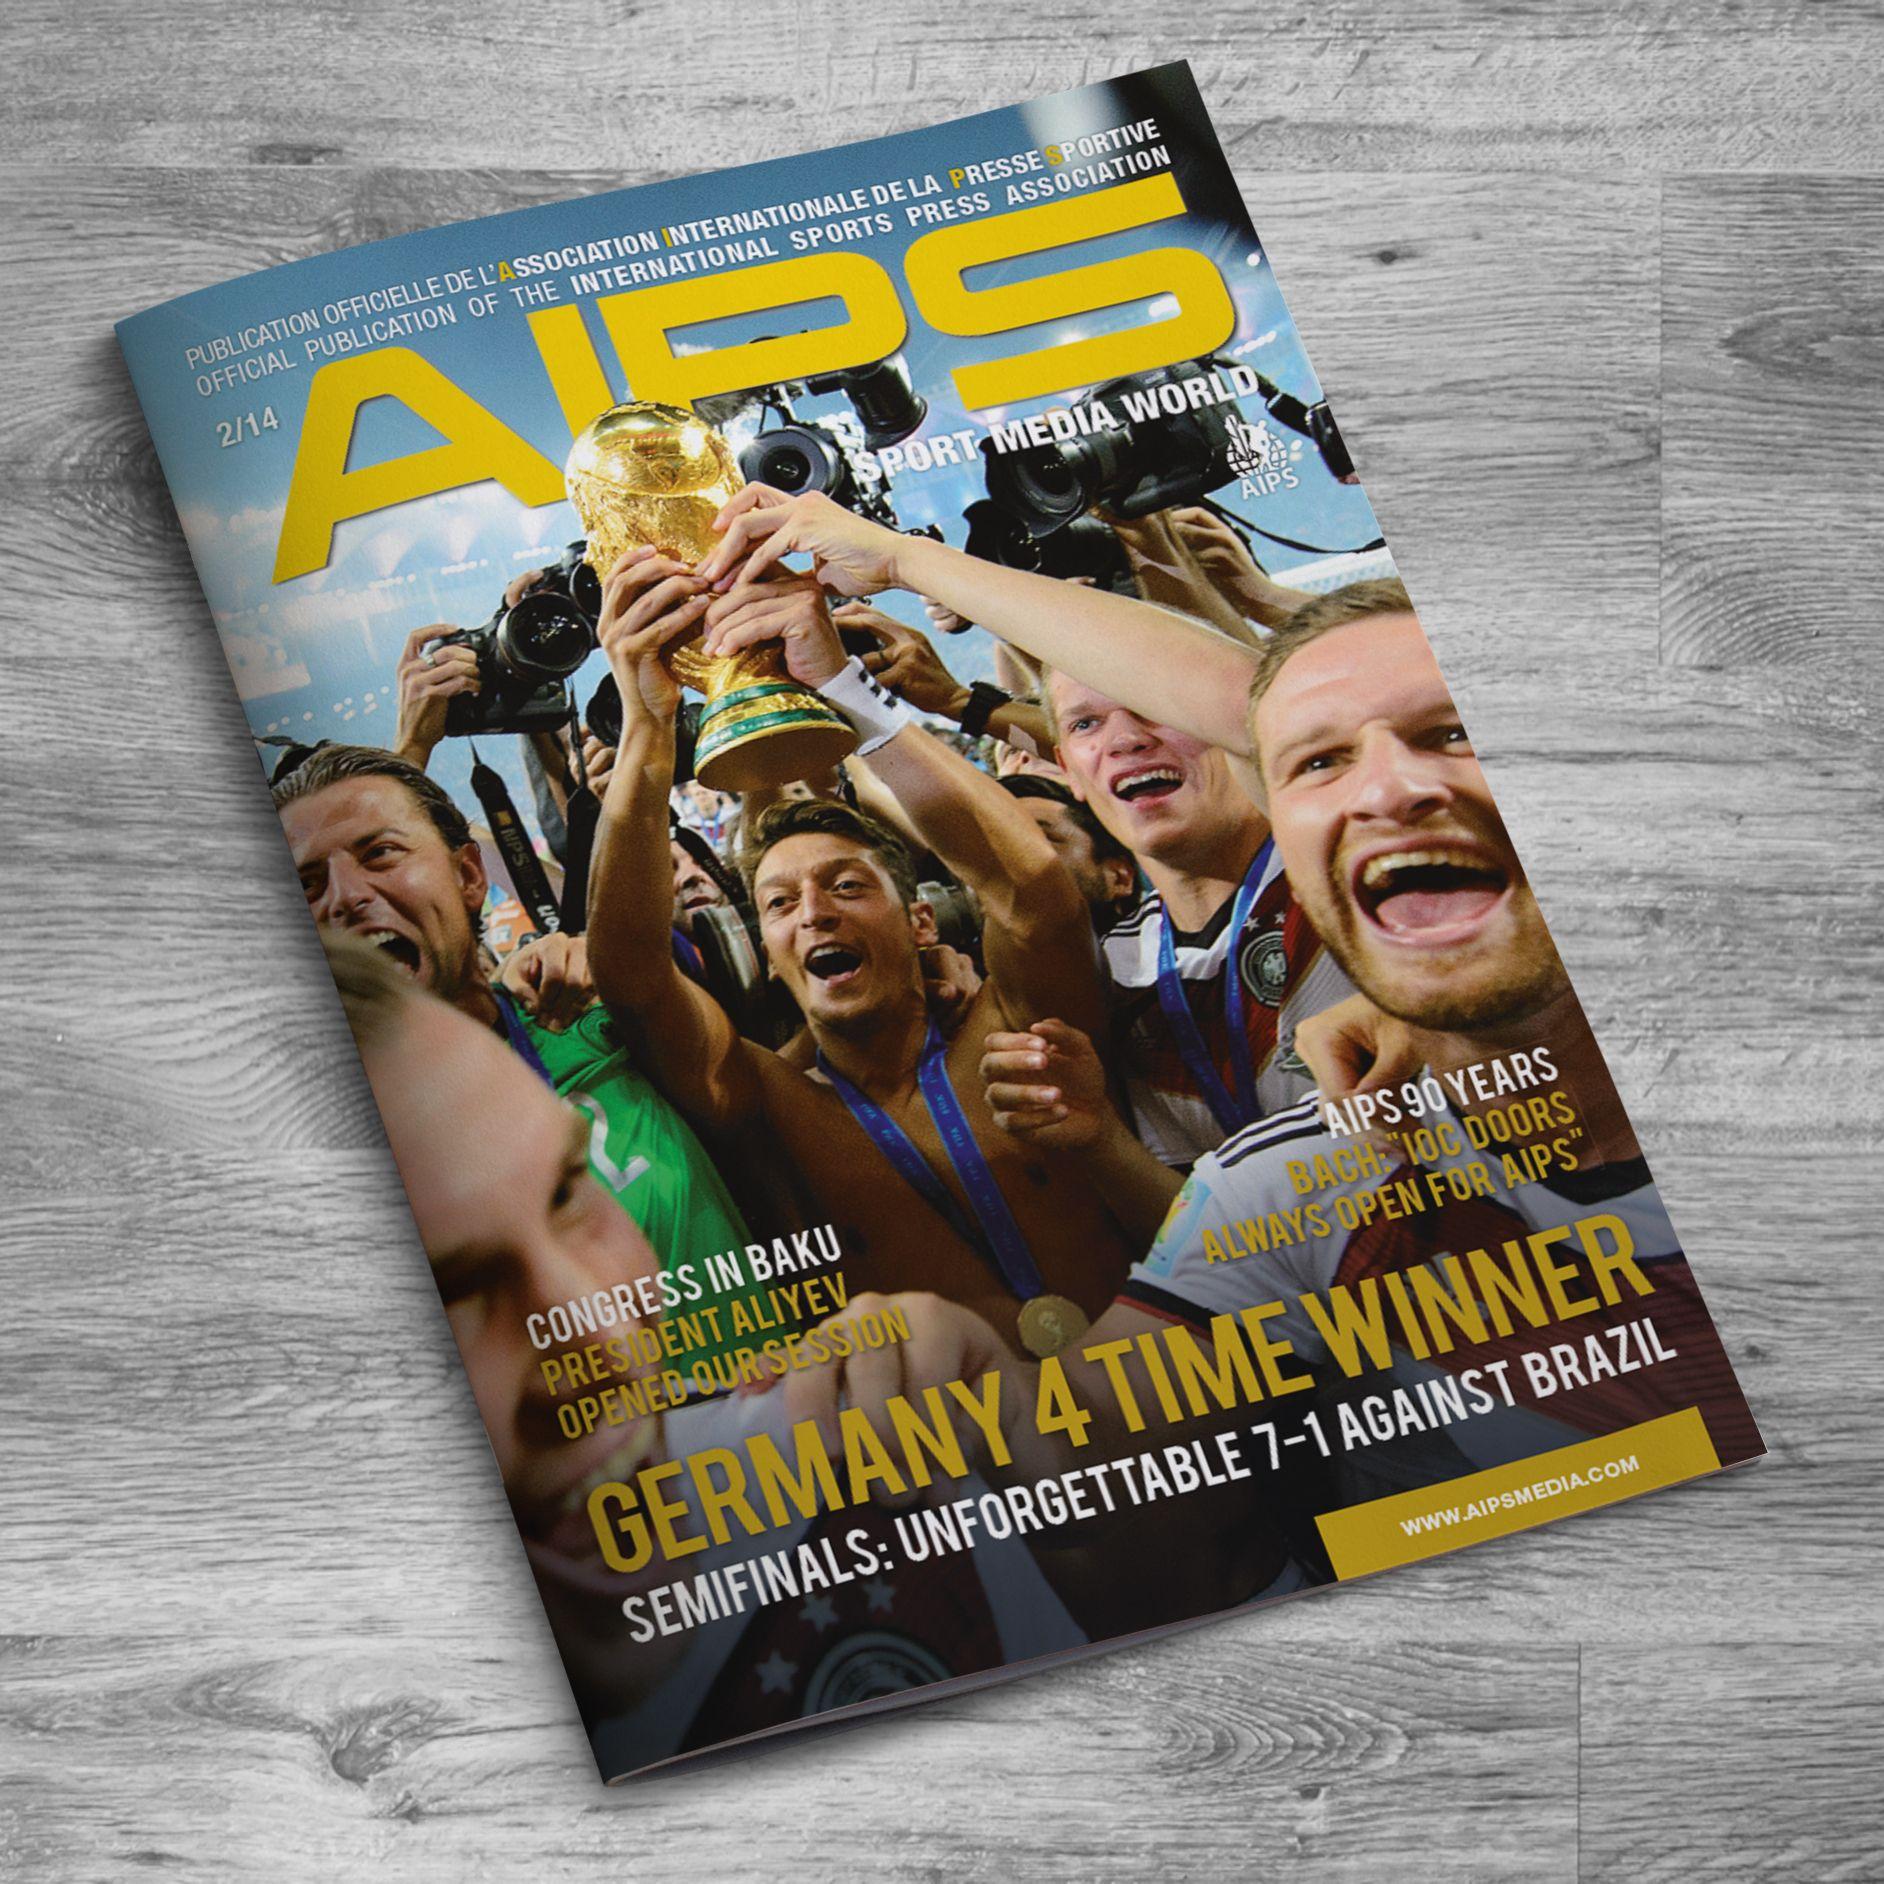 Abbiamo prodotto il nuovo numero della rivista internazionale dei giornalisti sportivi (AIPS). Anche in questo caso ci siamo occupati, in qualità di Art Director, di realizzazione grafica e impaginazione.  QUI POTETE TROVARE LO SFOGLIABILE ONLINE: http://www.aipsmedia.com/album/AIPS0214/index.html